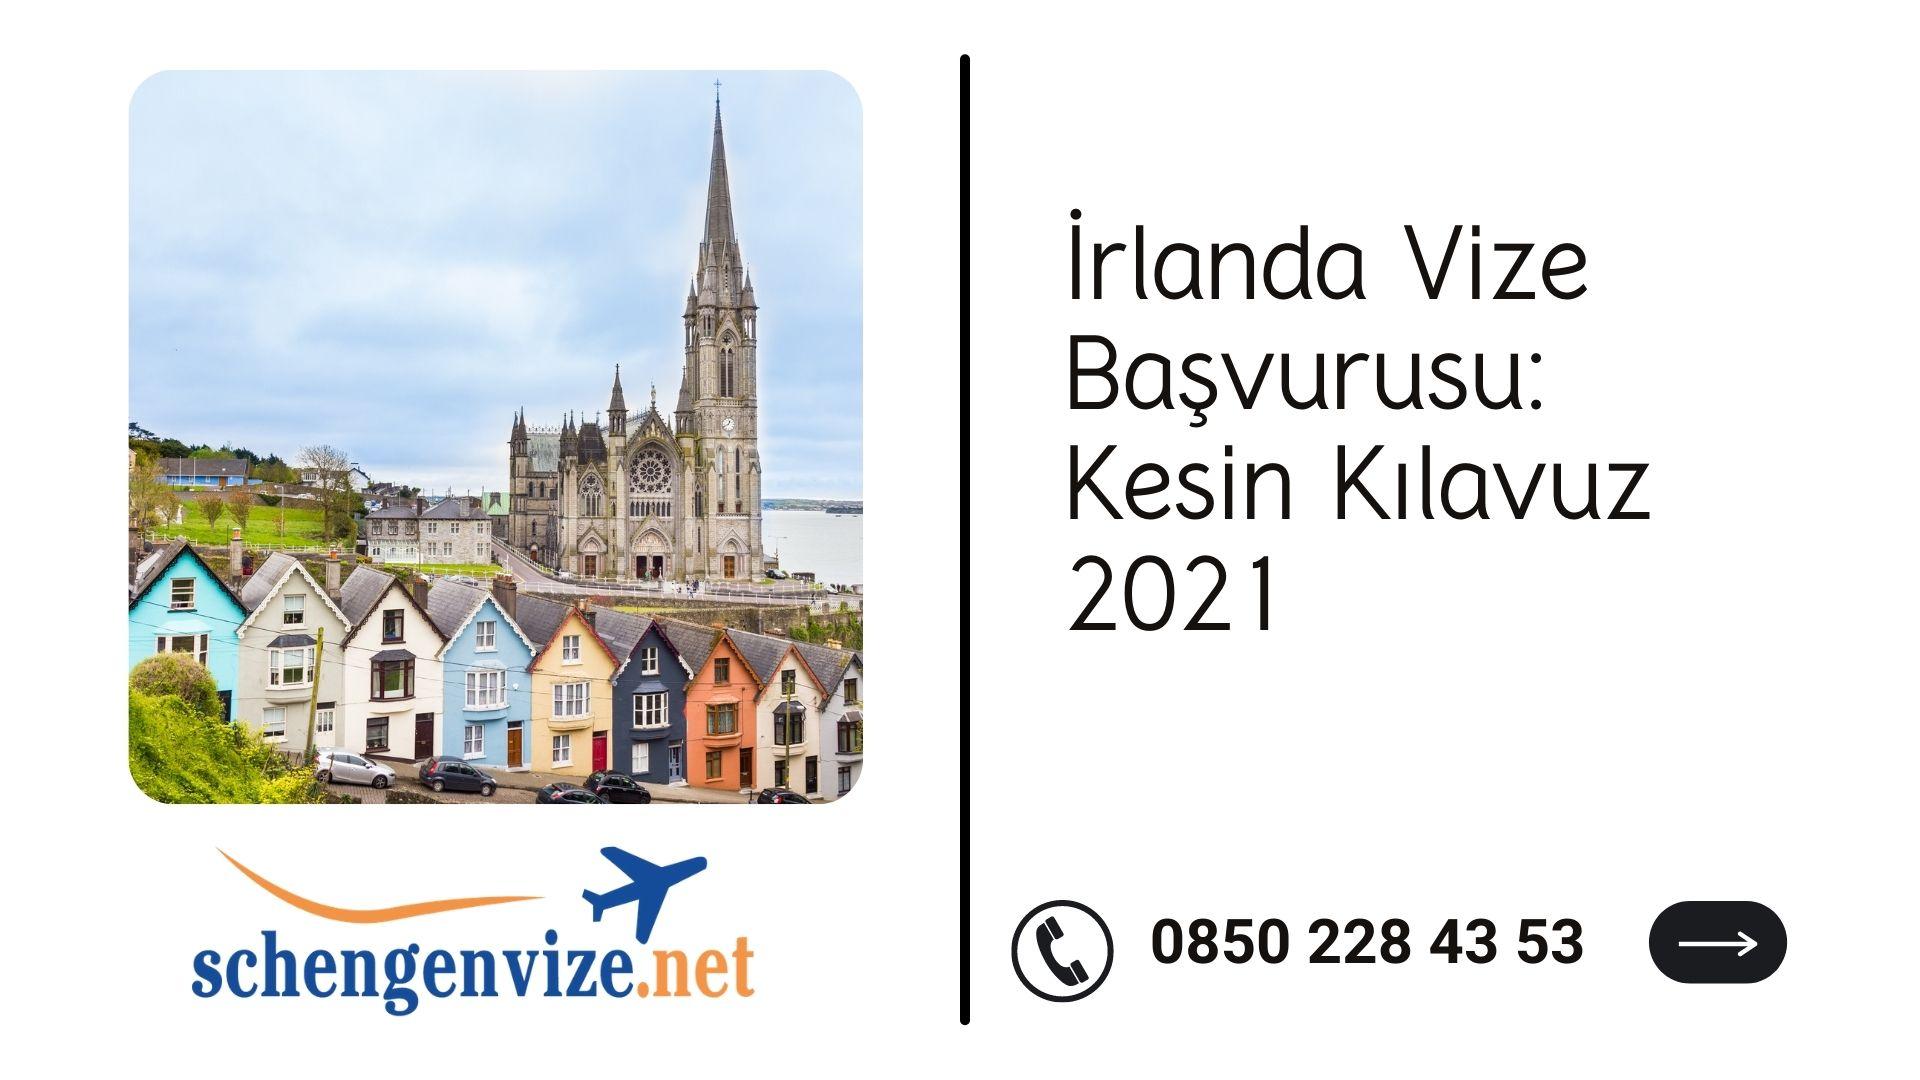 İrlanda Vize Başvurusu: Kesin Kılavuz 2021